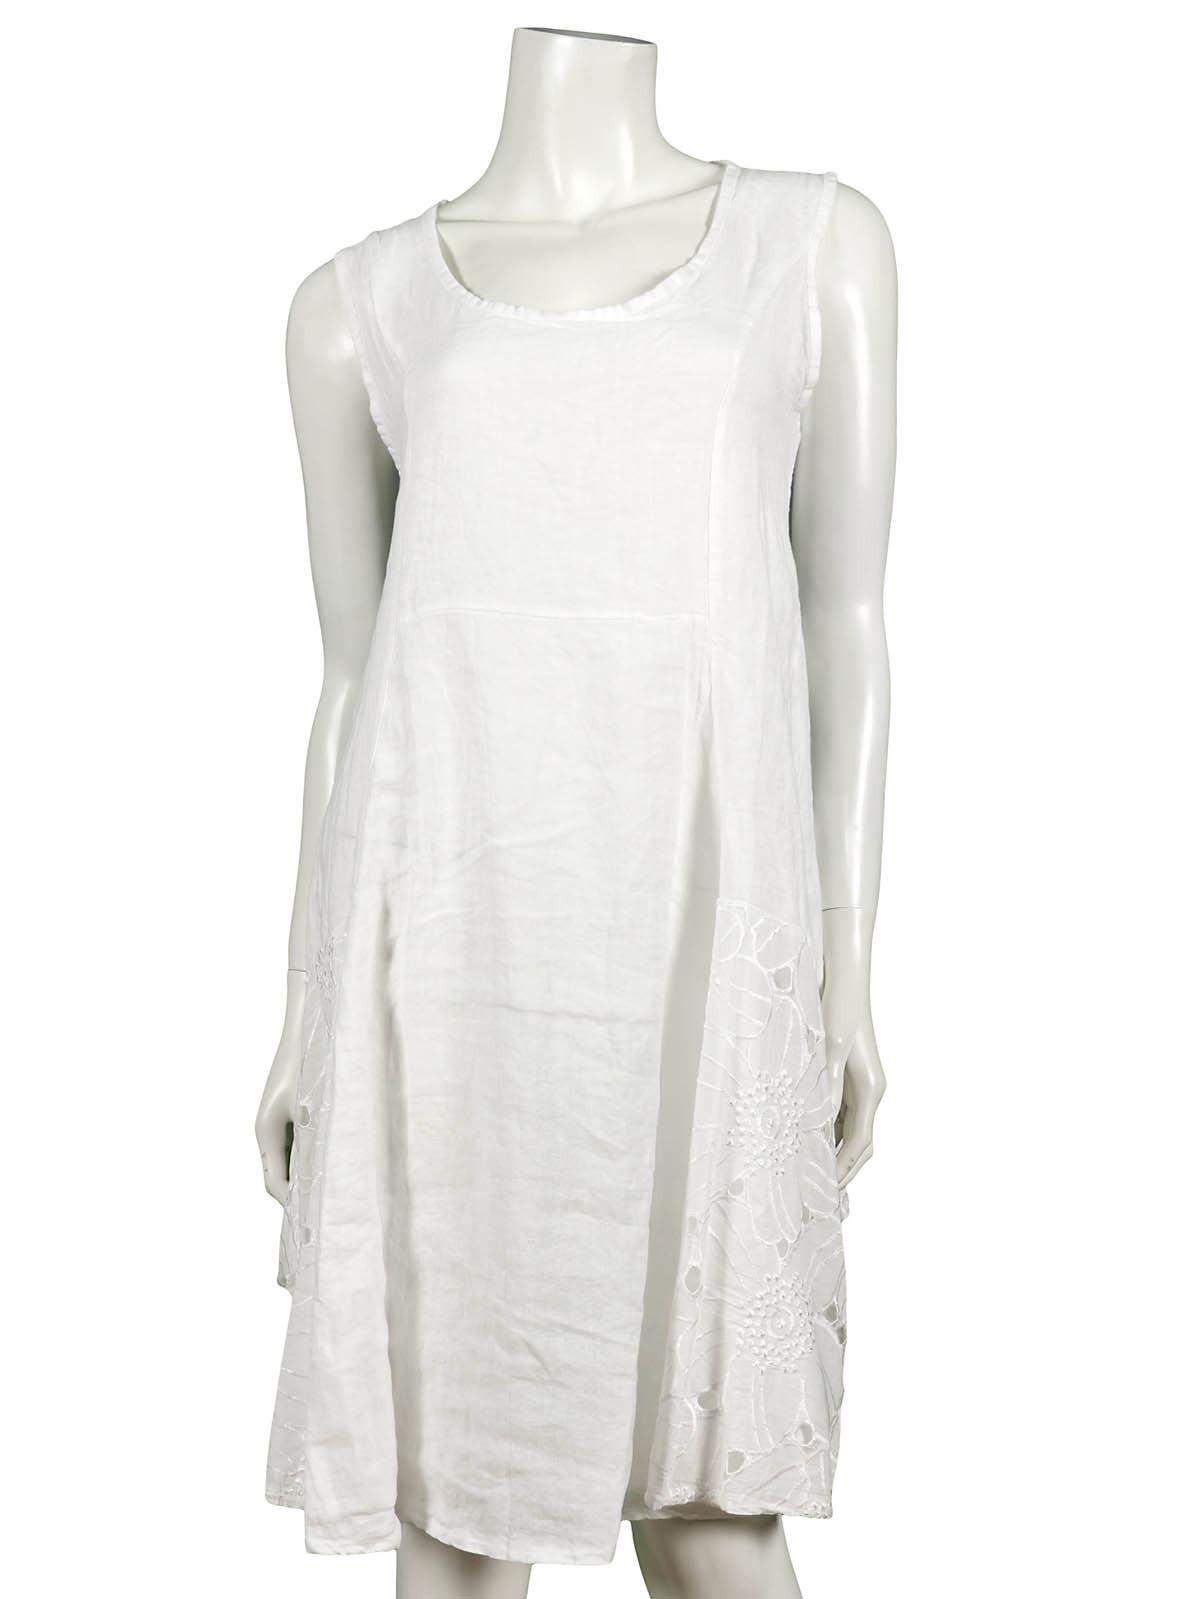 13 Schön Kleid Weiß BoutiqueDesigner Großartig Kleid Weiß Vertrieb